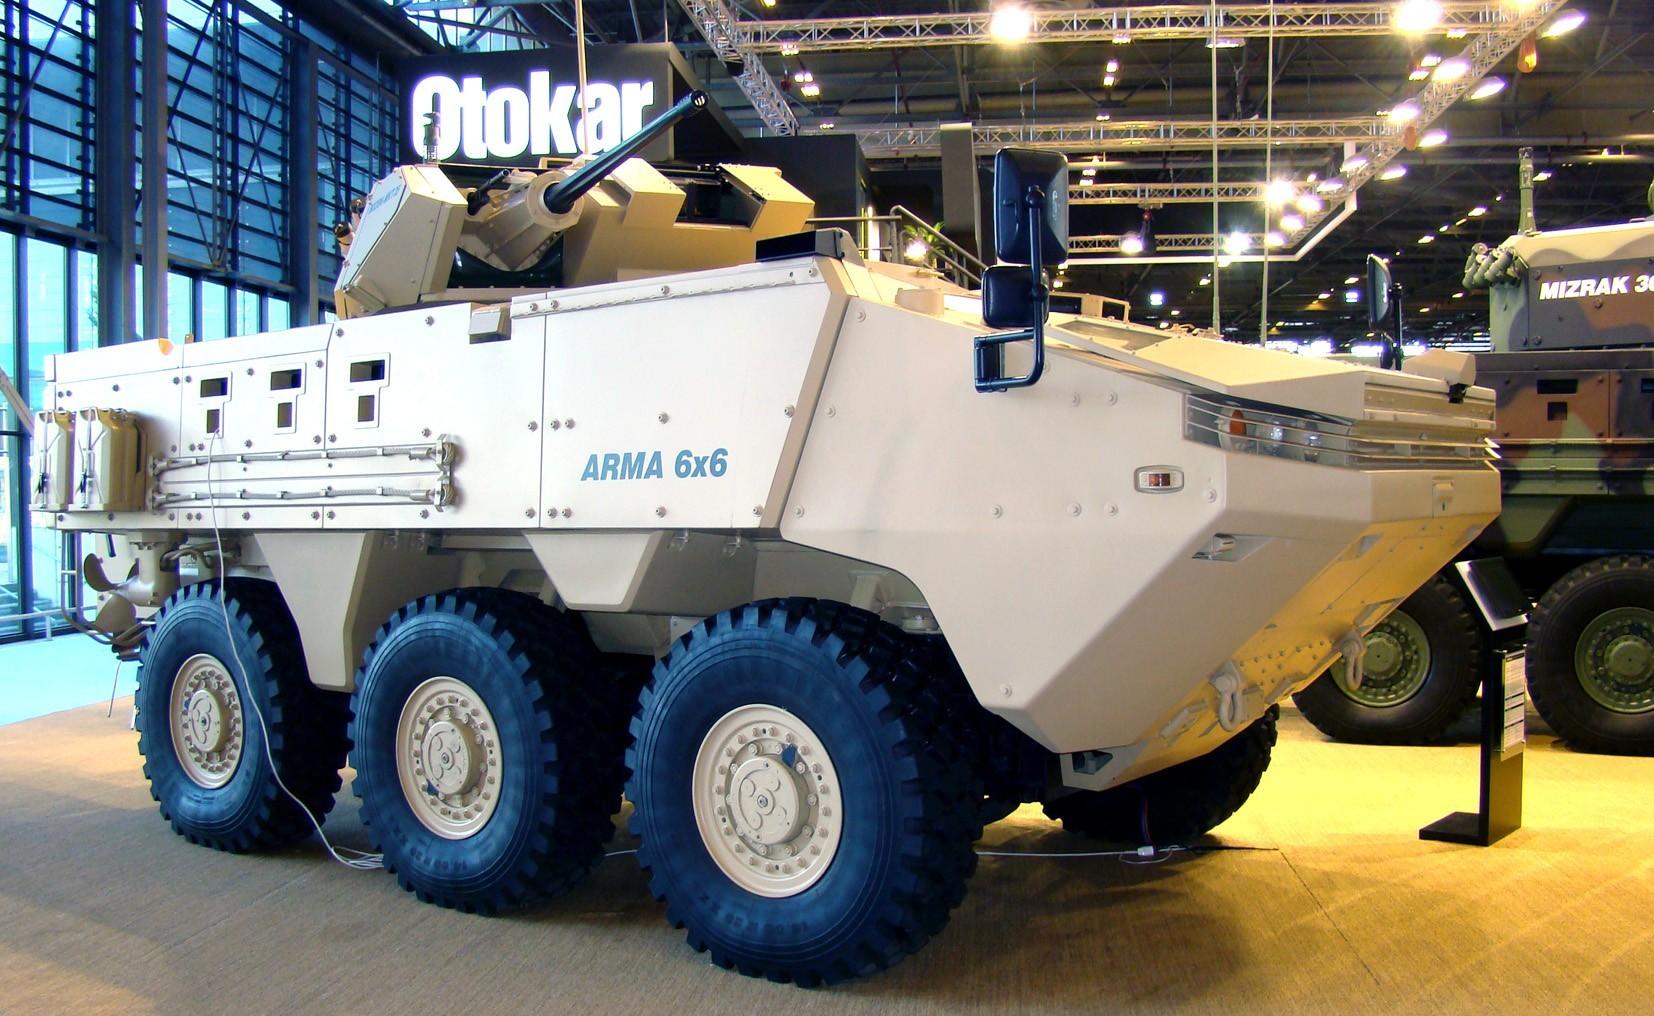 Трехосный модуль Arma с автоматической пушкой калибра 30 мм